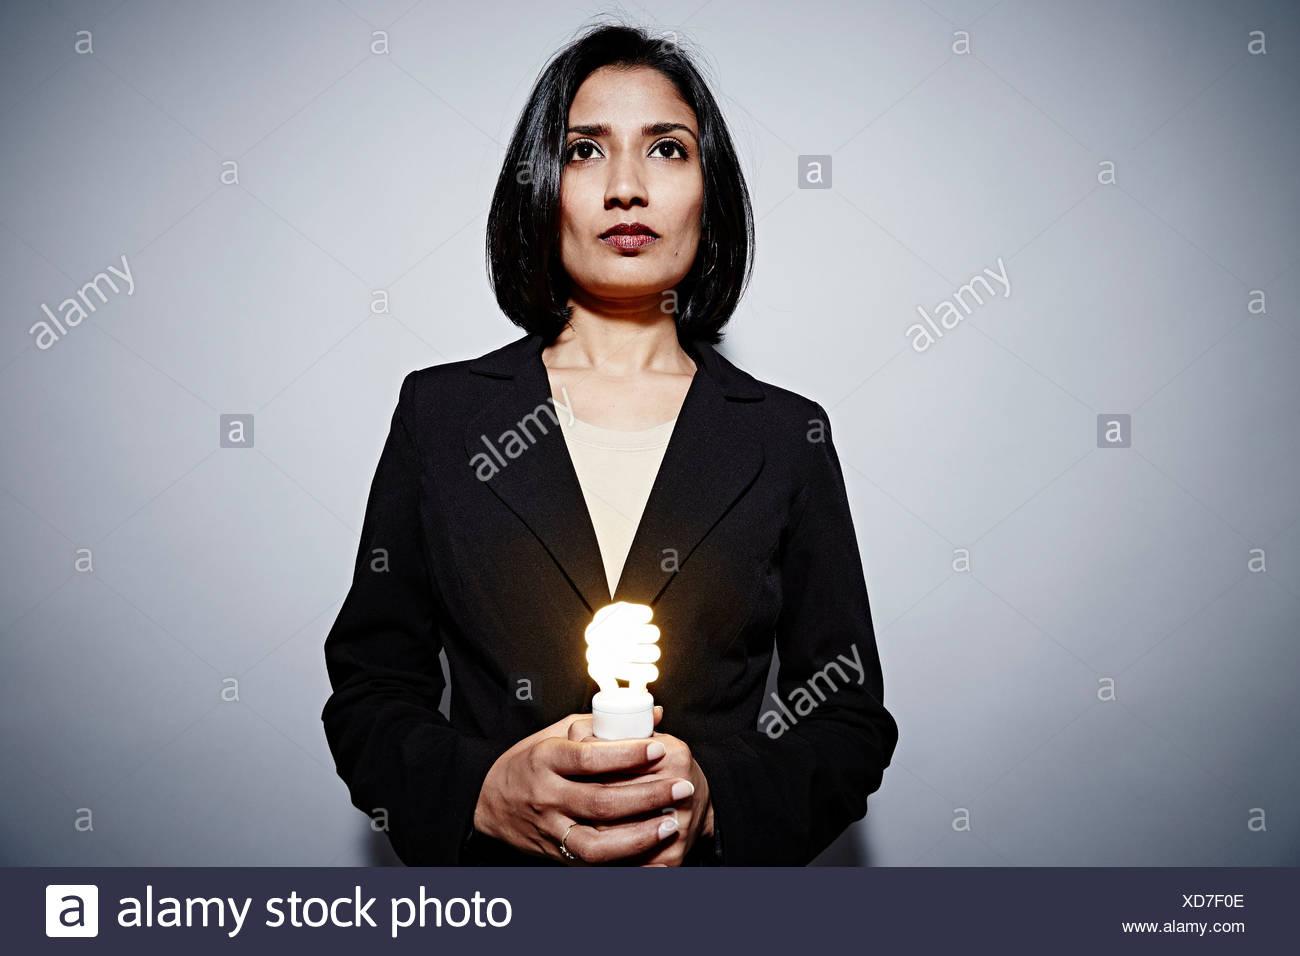 Ritratto in studio di imprenditrice azienda risparmio energetico lampadina Immagini Stock